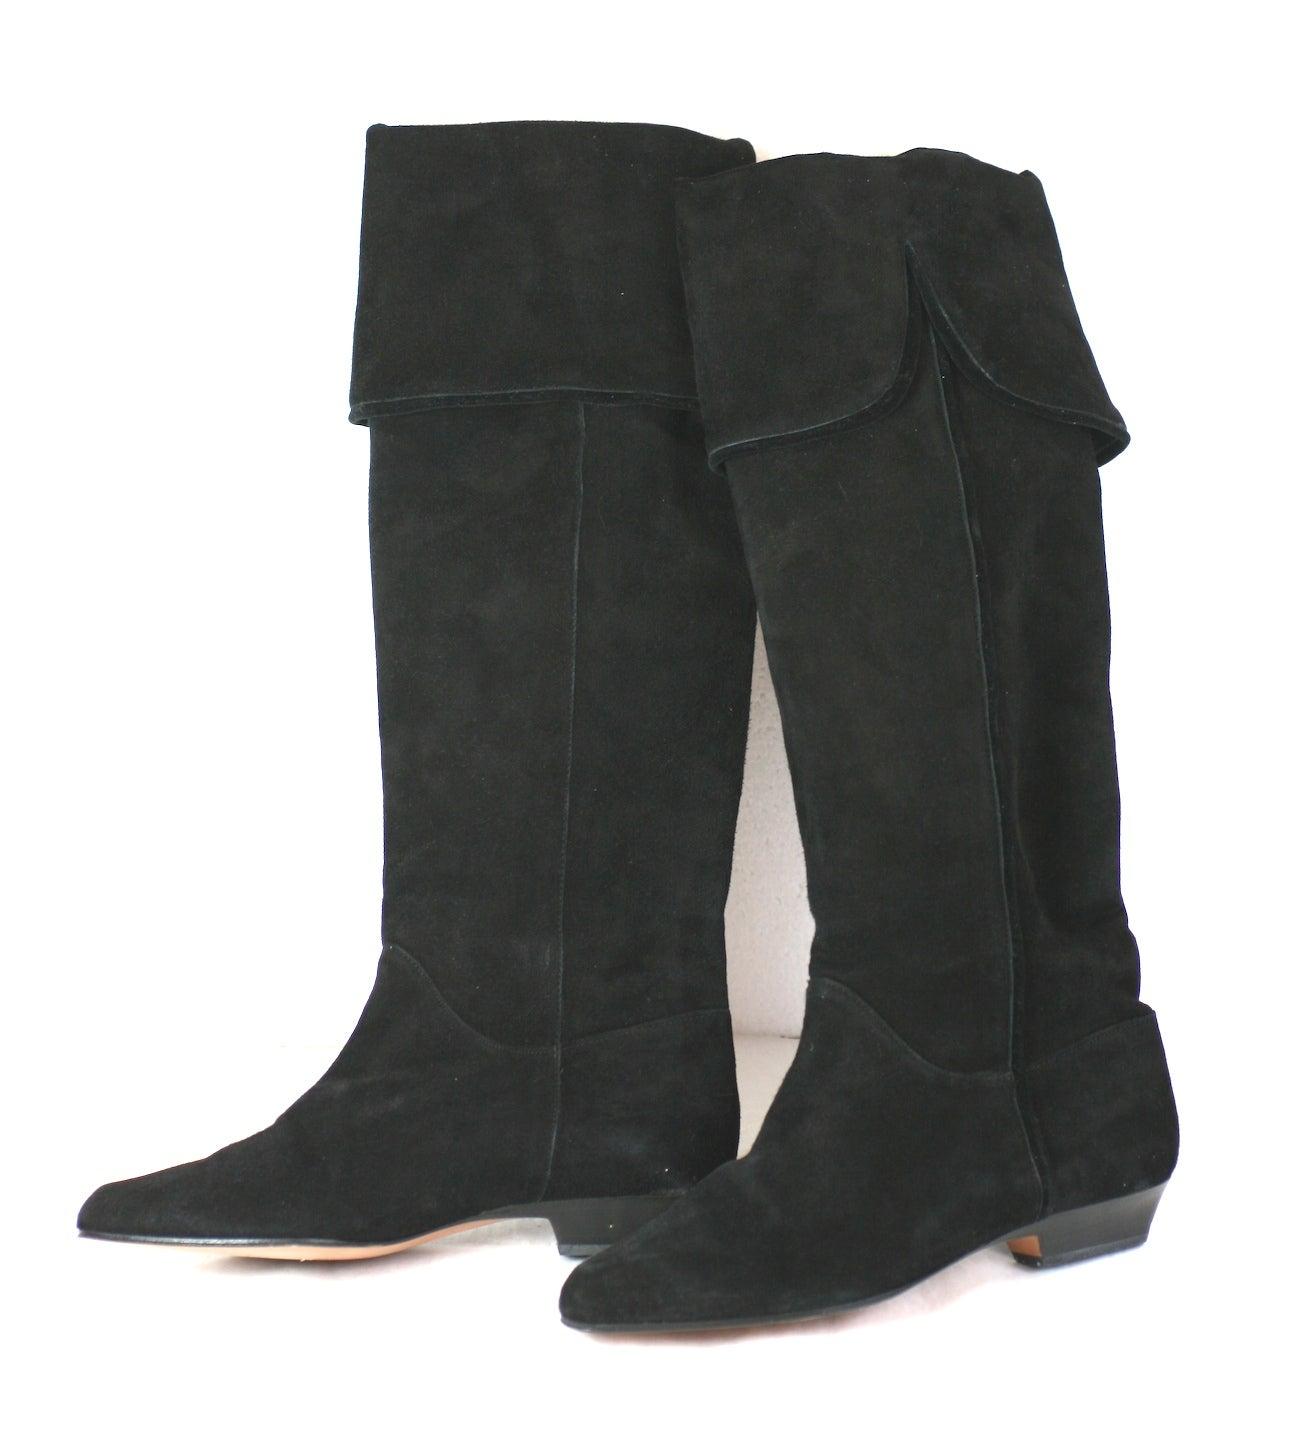 1541ea3d35 Yves Saint Laurent High Black Suede Boots